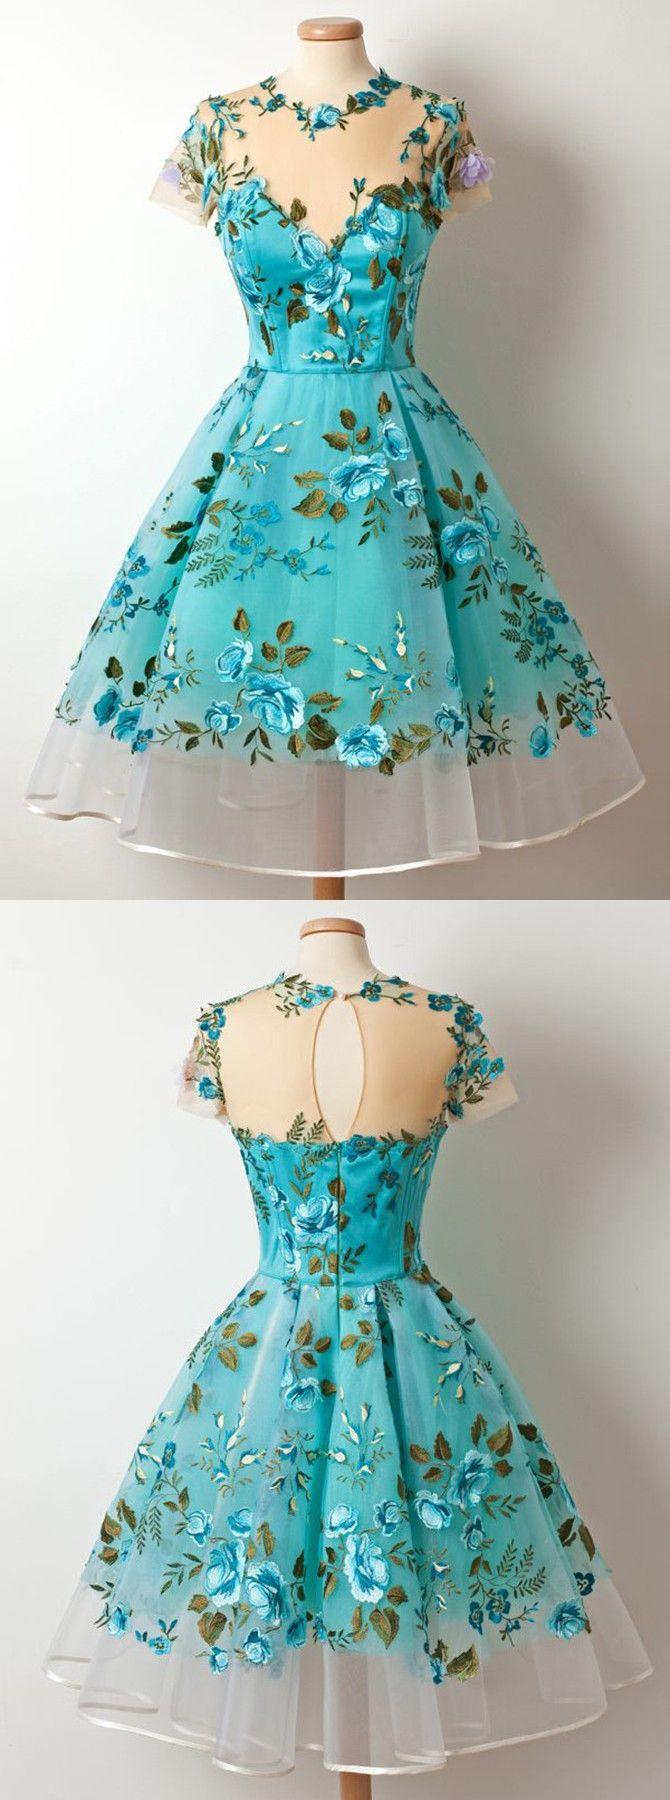 Aunque no sea muy de vestir mona, delicada y adorable estos vestidos estilo hadita del bosque me chiflan